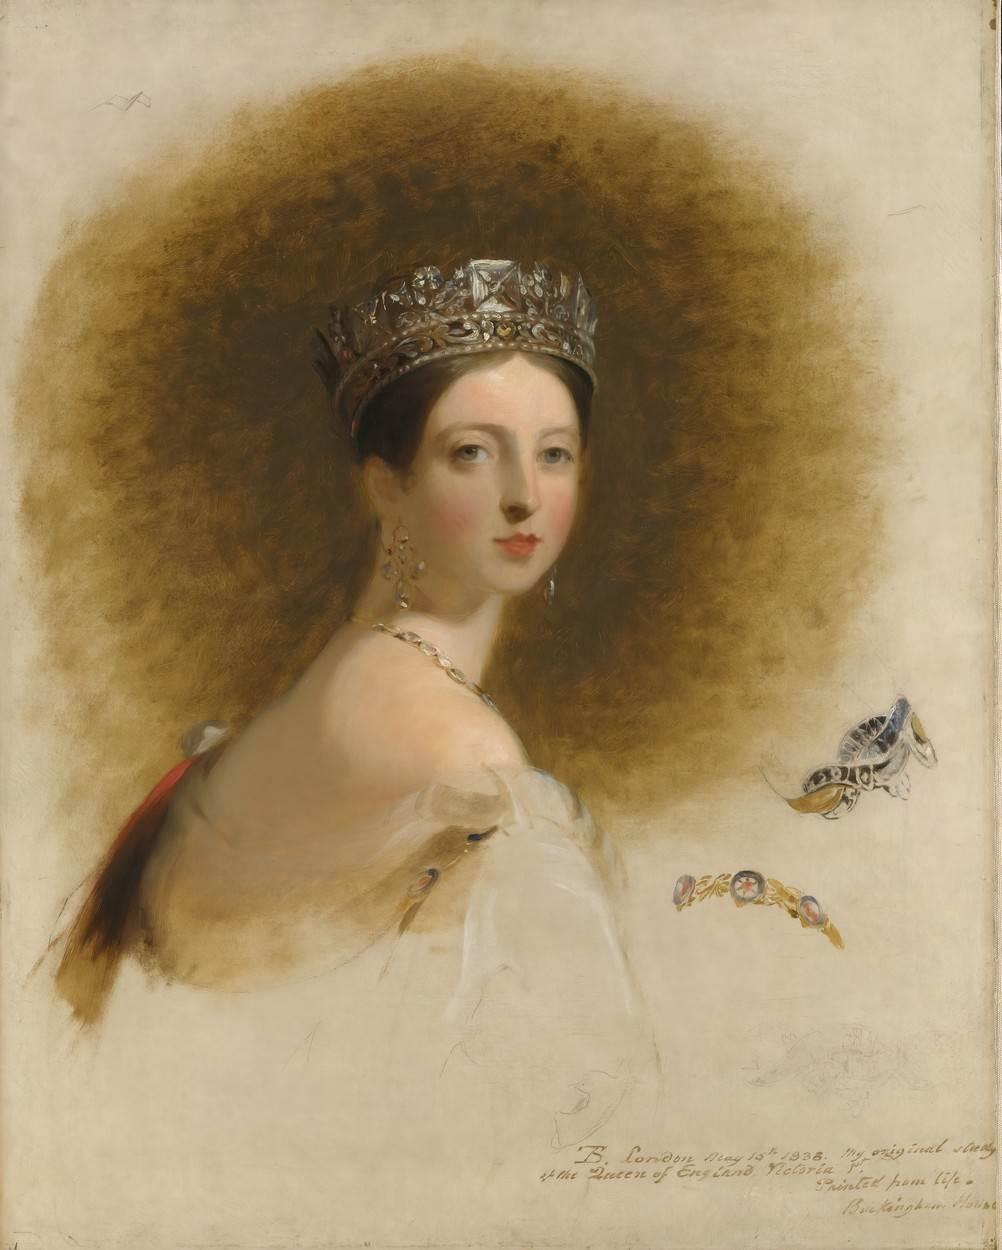 kraljica victoria